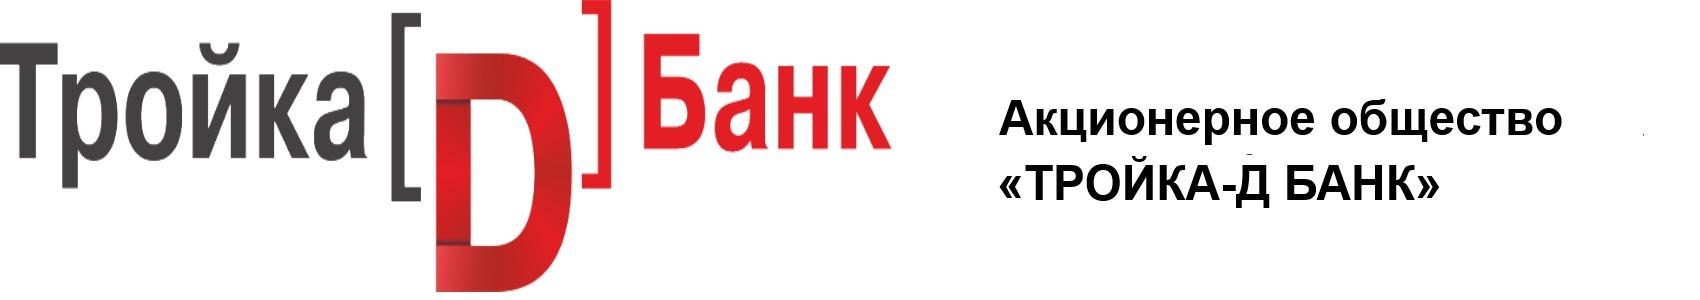 АО «Тройка-Д Банк»